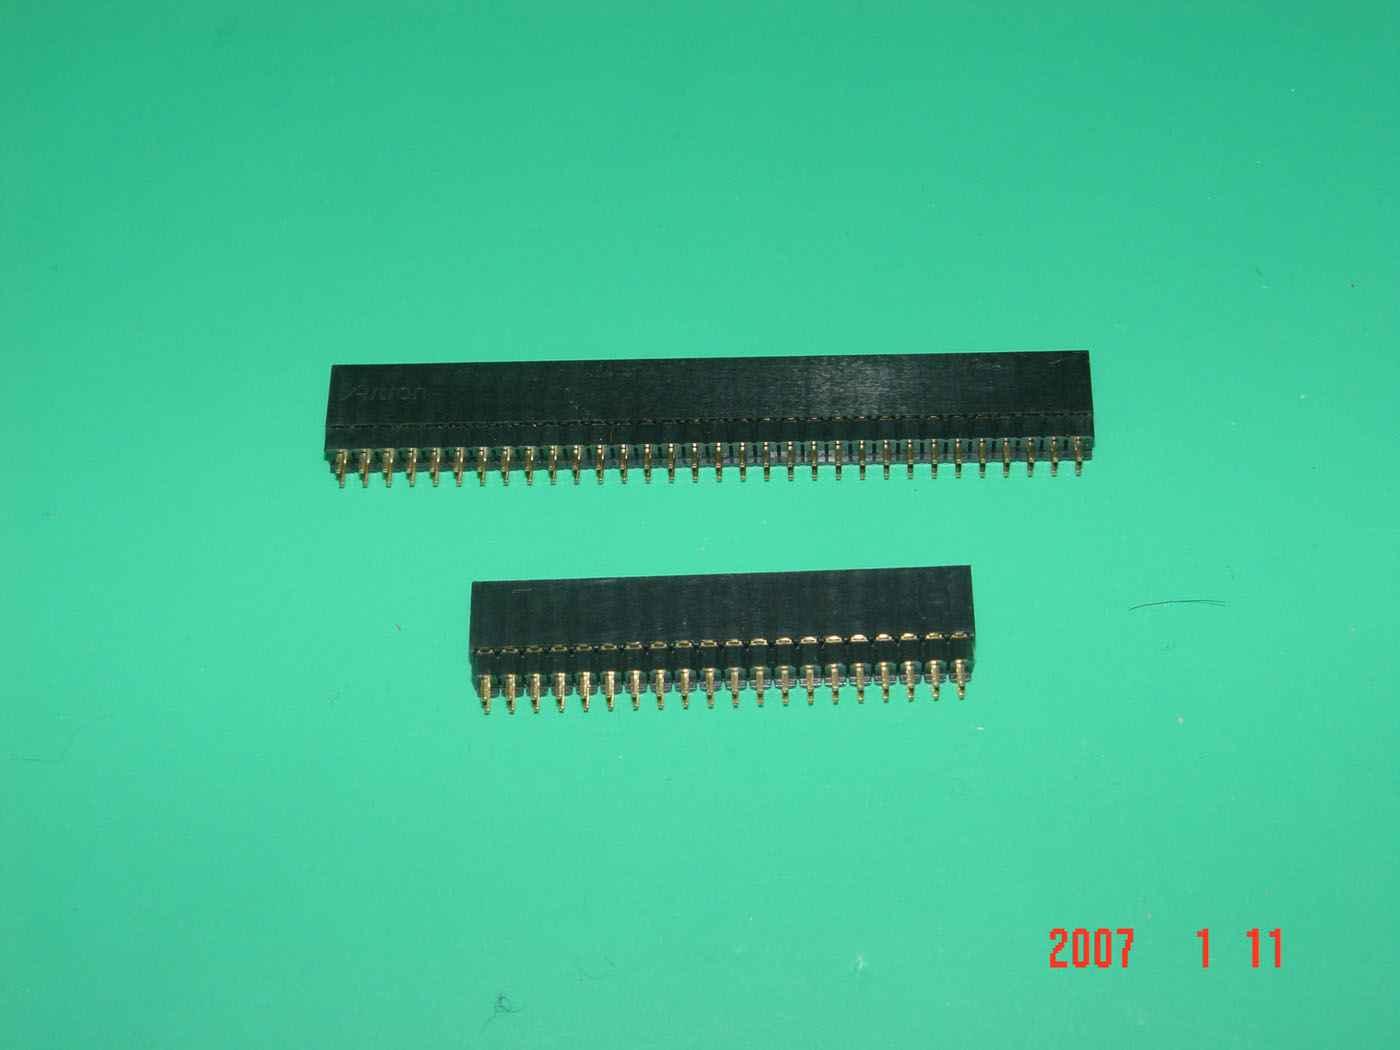 总线/锁紧/CY401/SYD/PC104 第19张